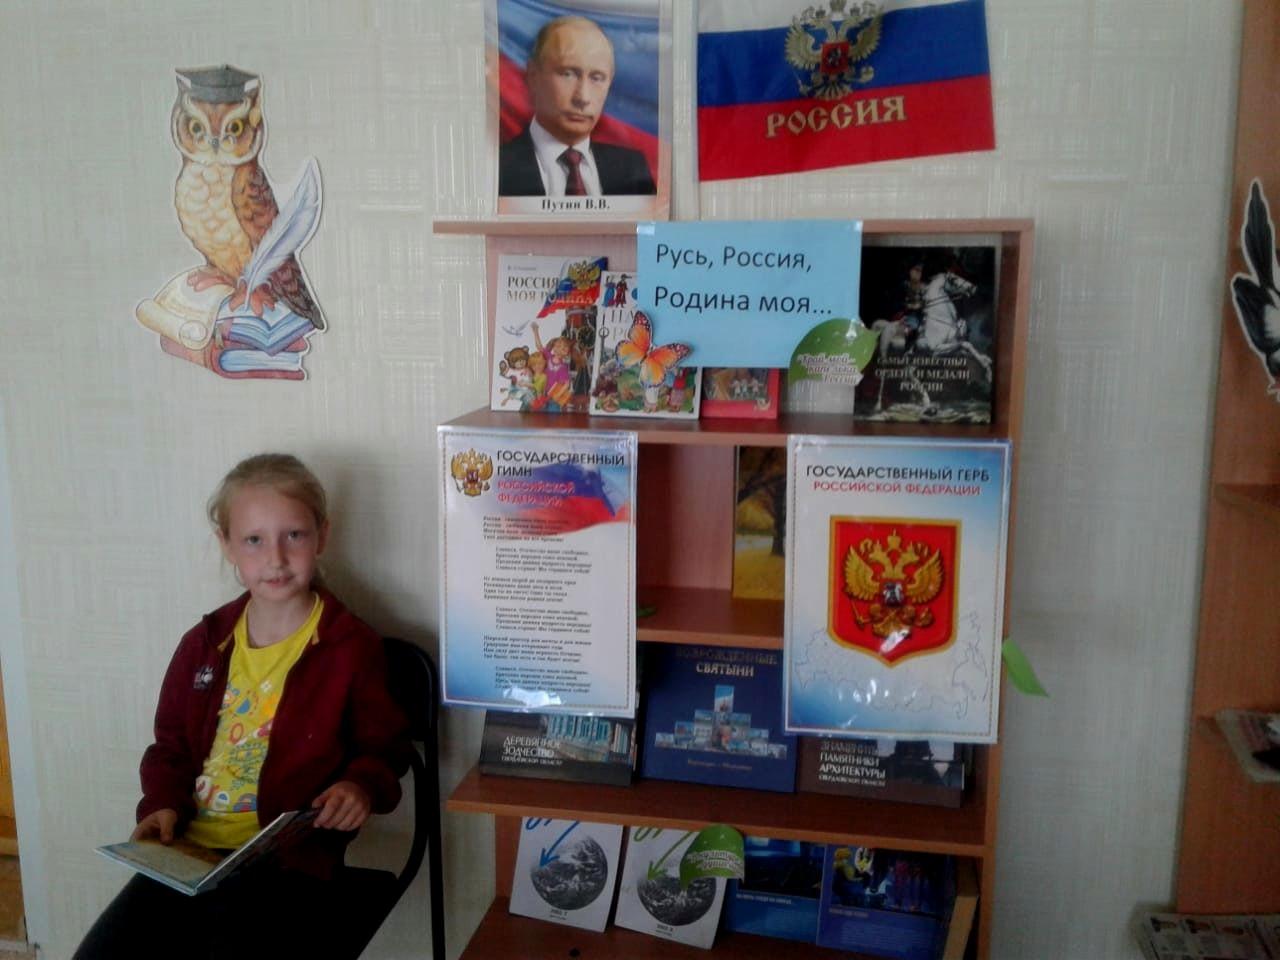 Макуевская б-ка Выставка -день России.jp